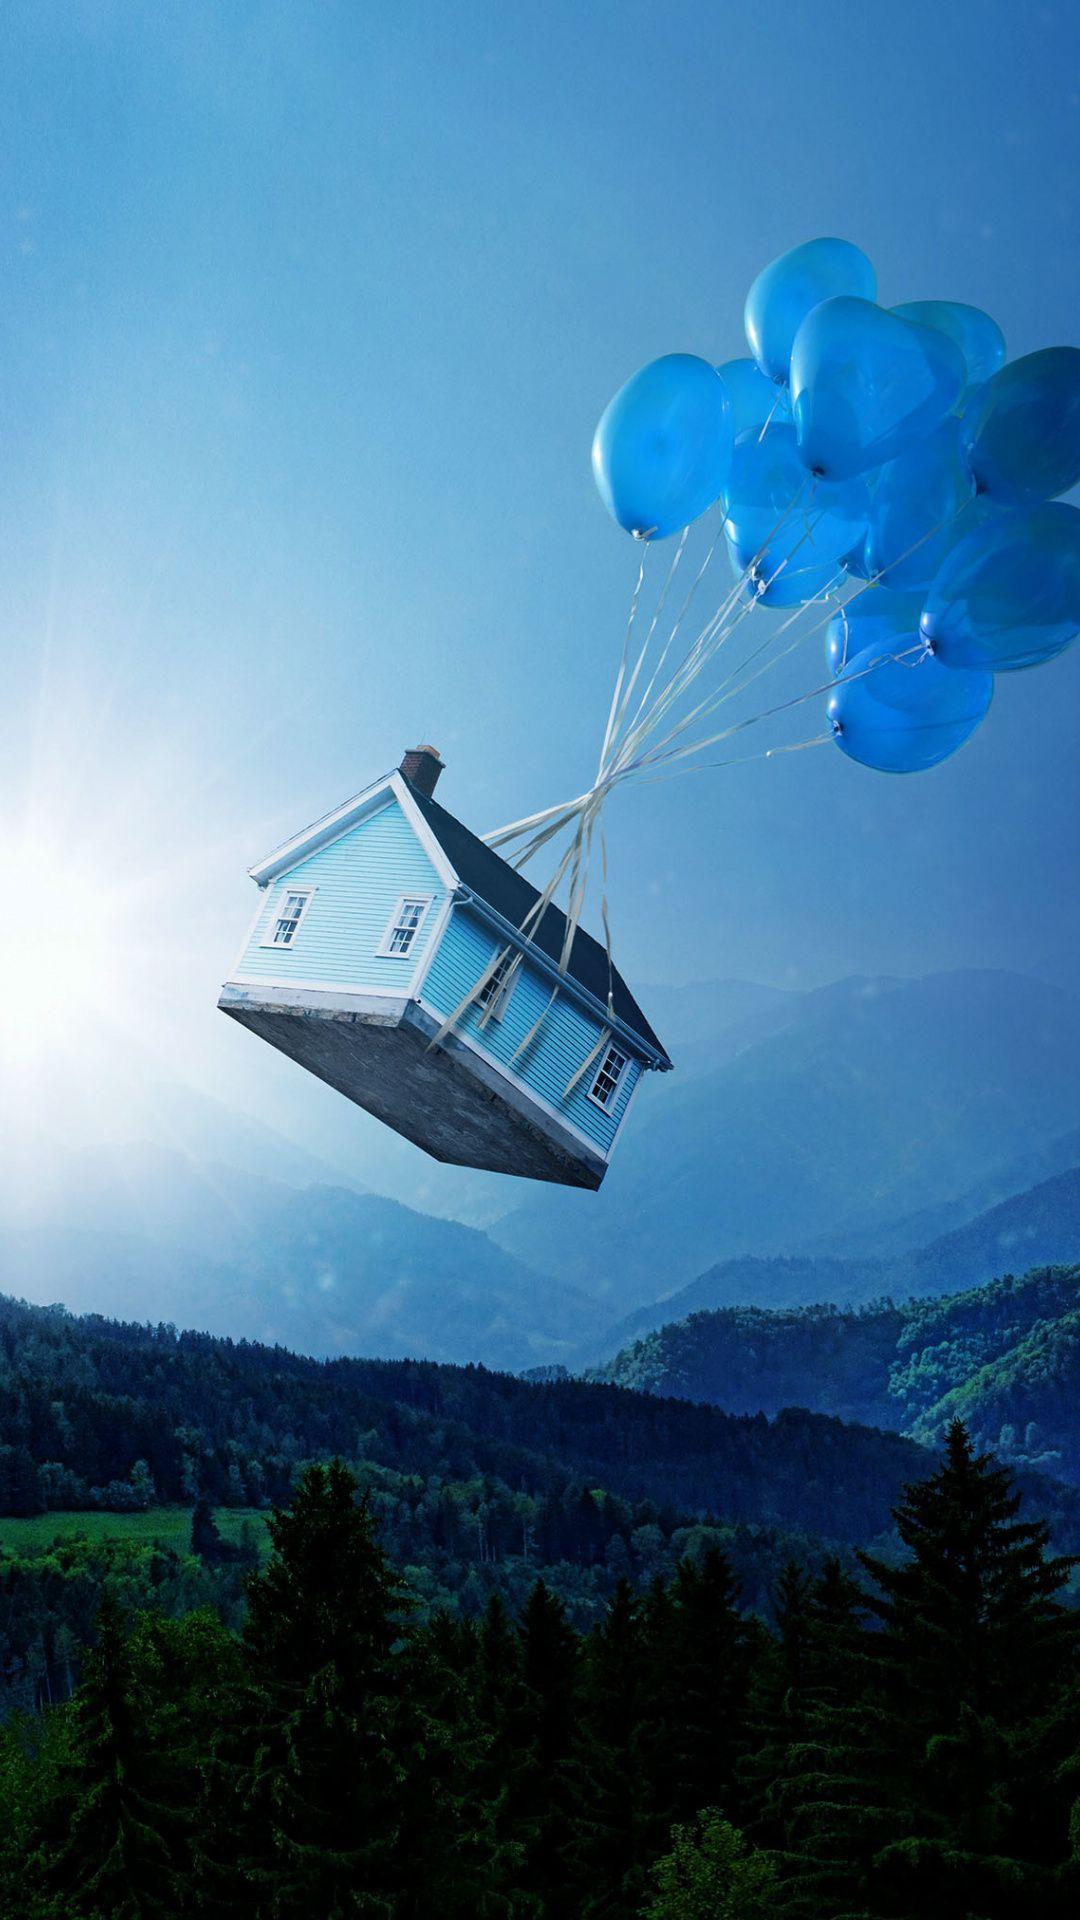 House, balloons, flight, 1080x1920 wallpaper